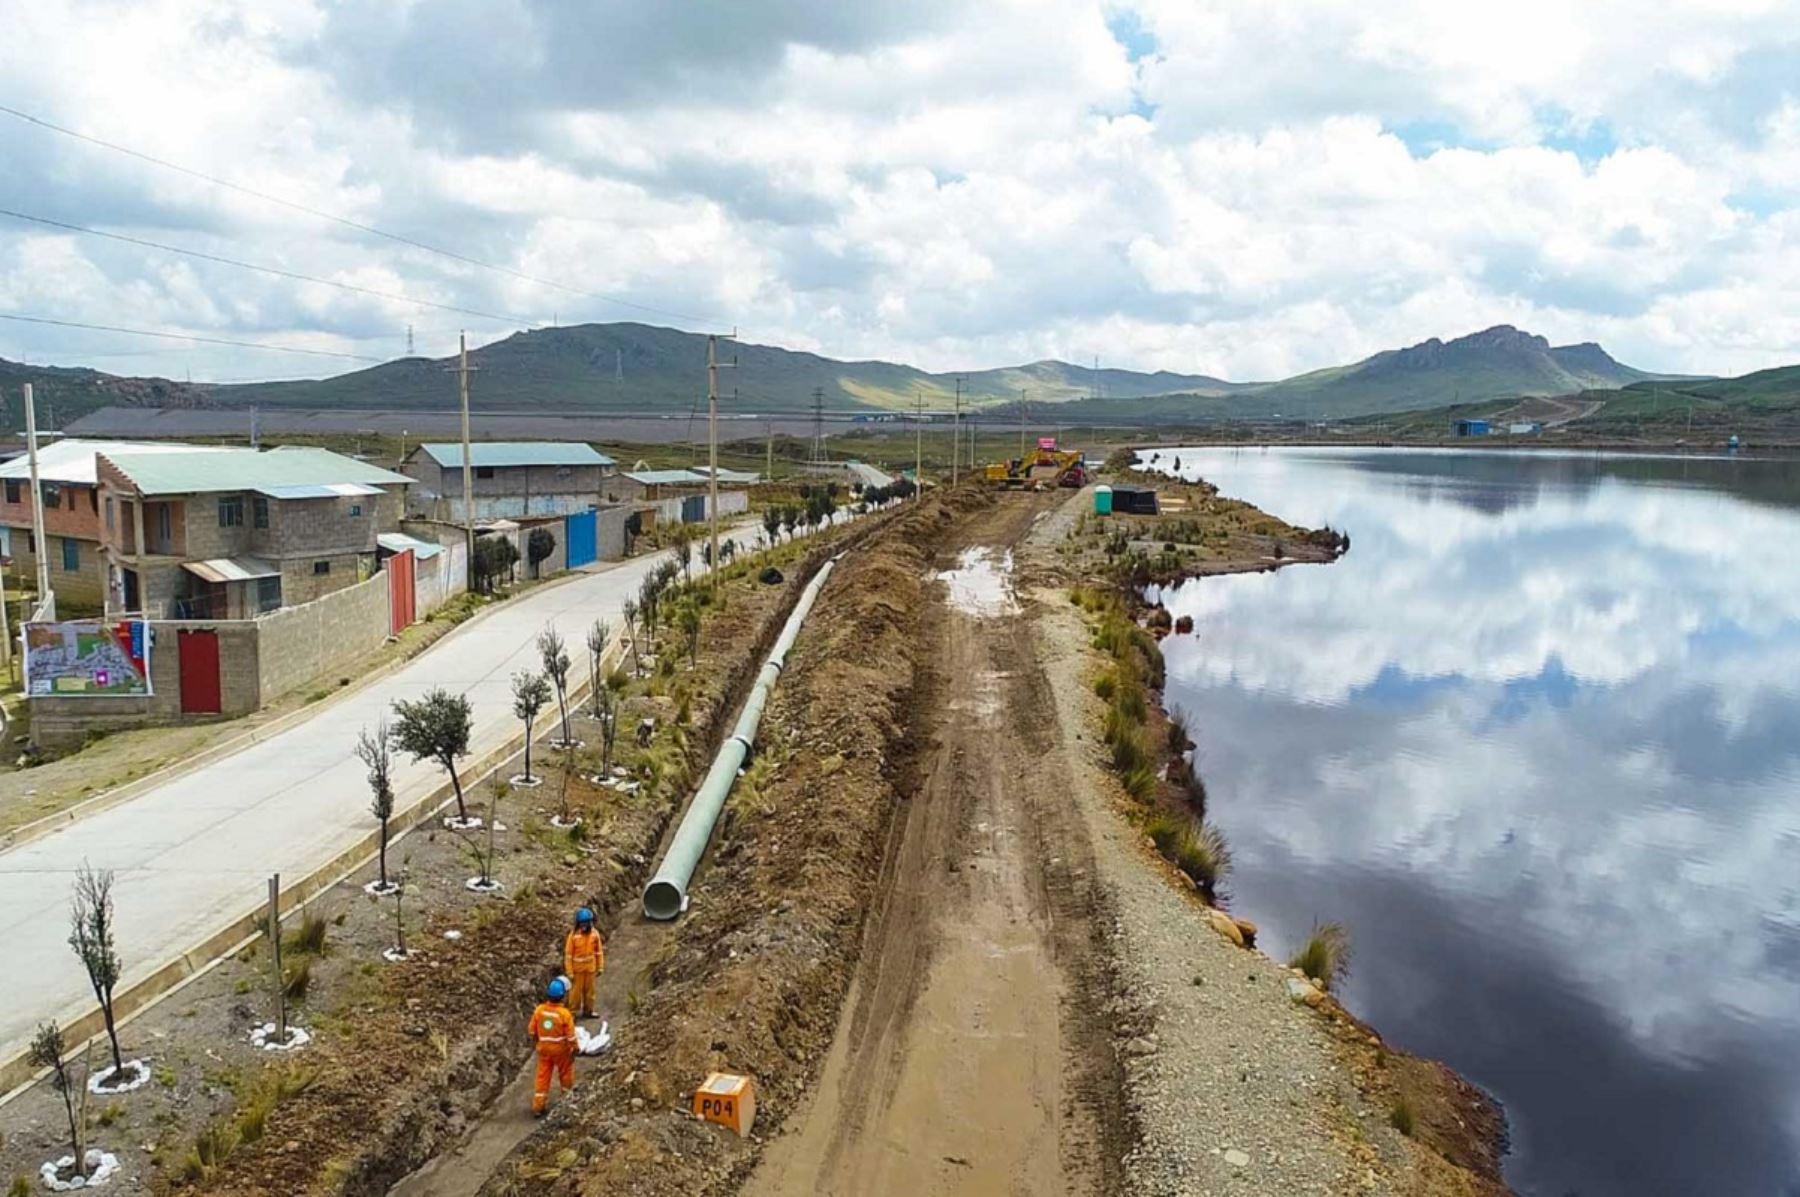 Trabajos para evitar desembalse de relavera Quiulacocha, región Pasco. Foto: cortesía.